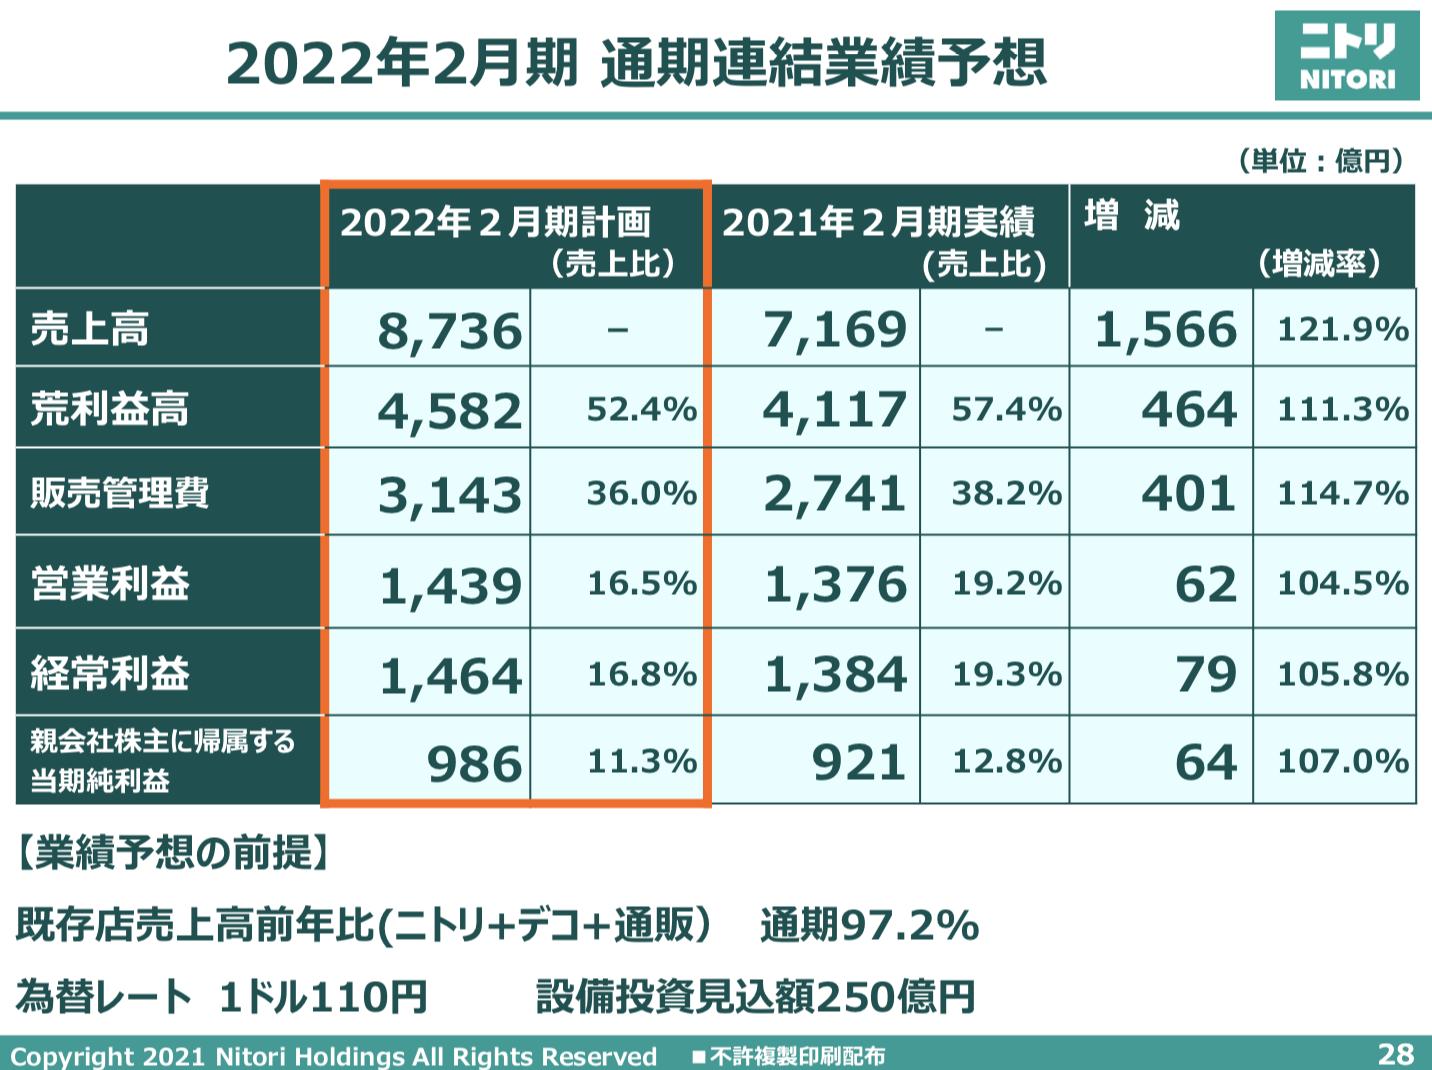 株式会社ニトリホールディングス 2021年2月期 決算説明会